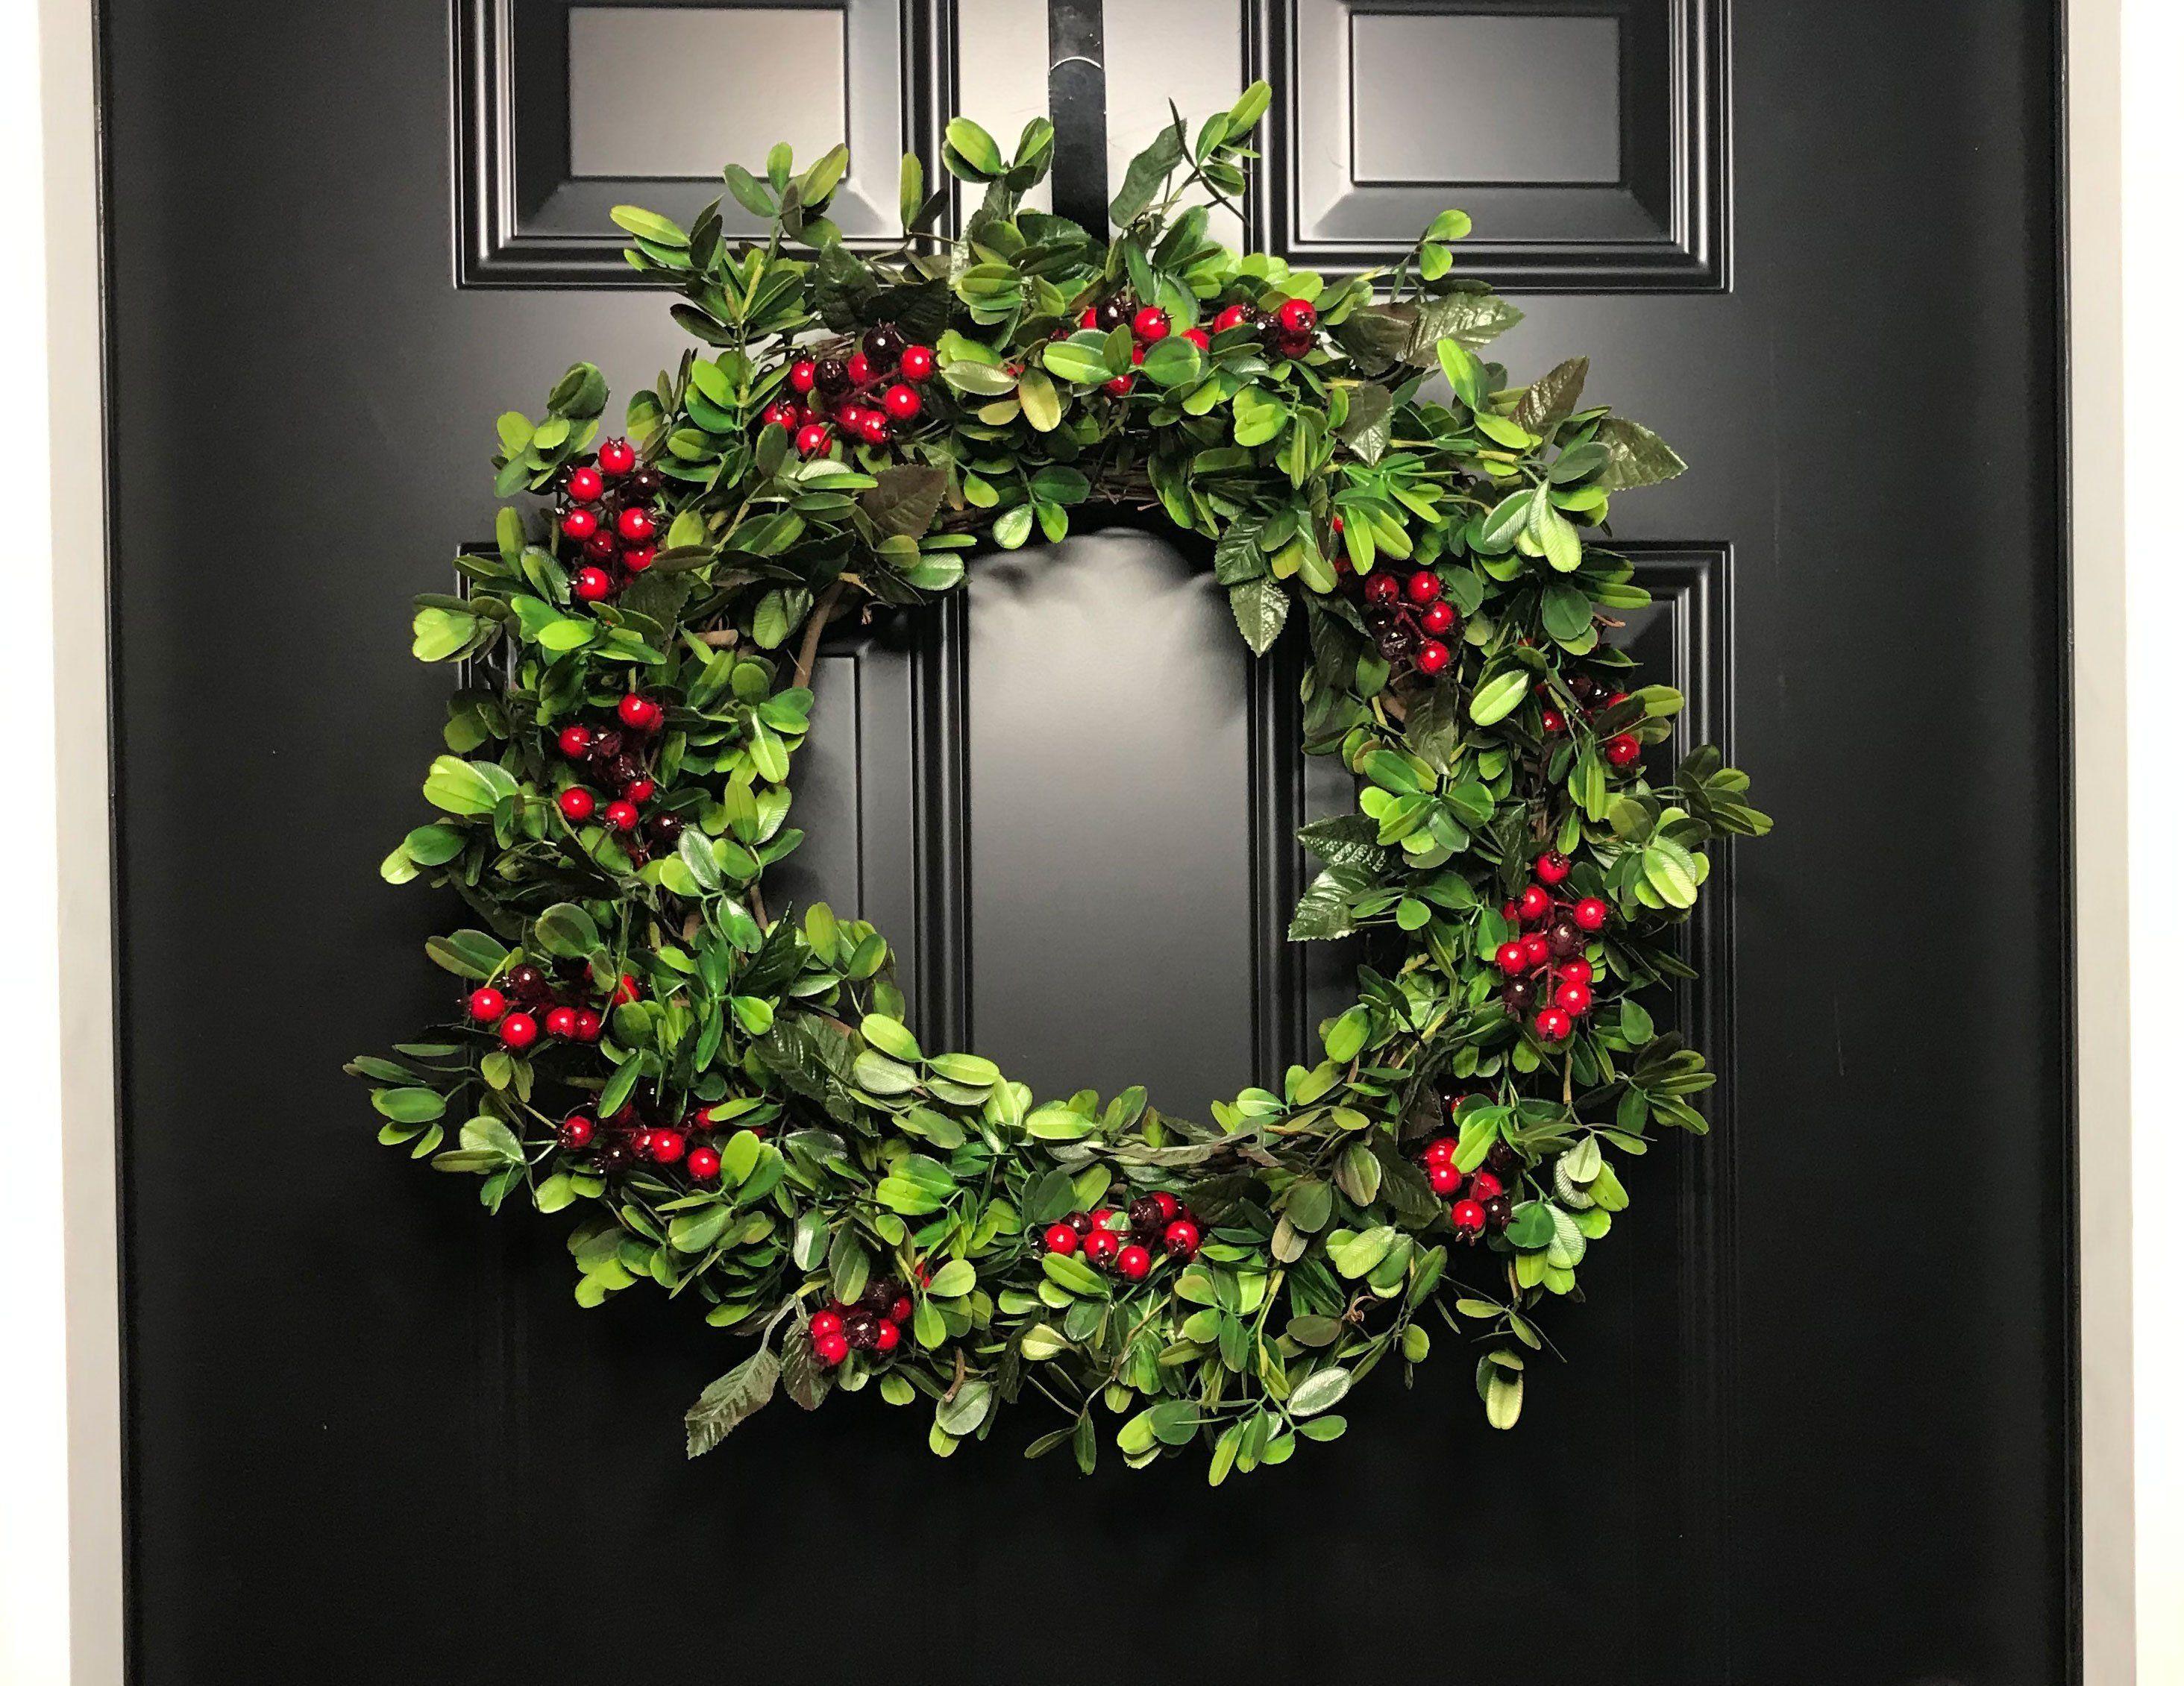 christmas wreath front door wreath wreath holiday wreath Berry wreath wreath for christmas christmas decor red berry wreath